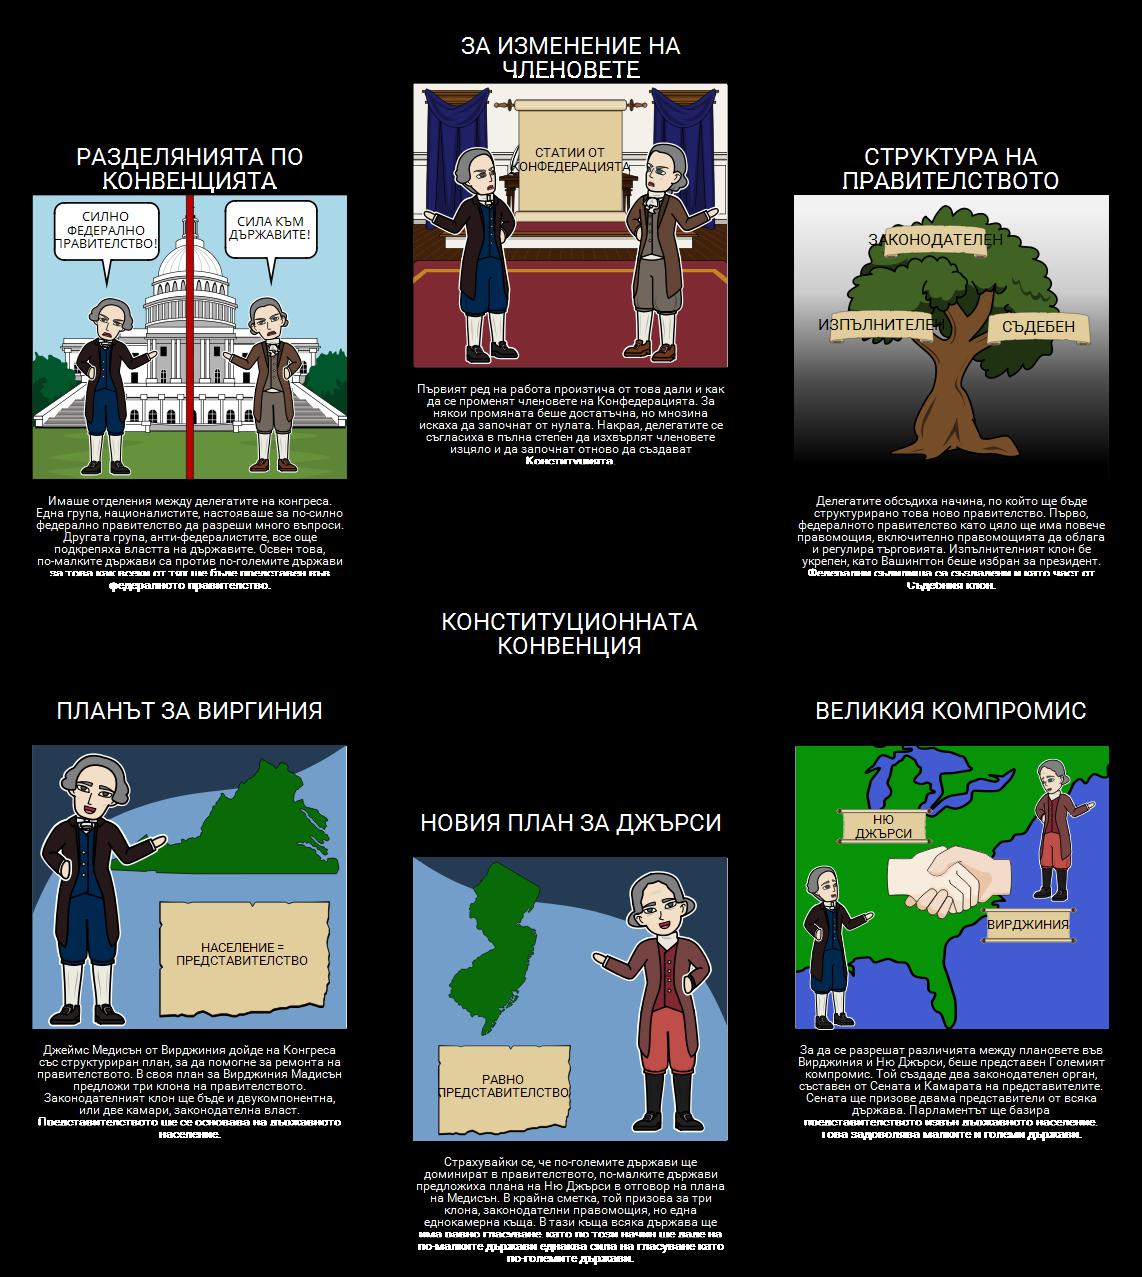 Федерализмът - Конституционната Конвенция